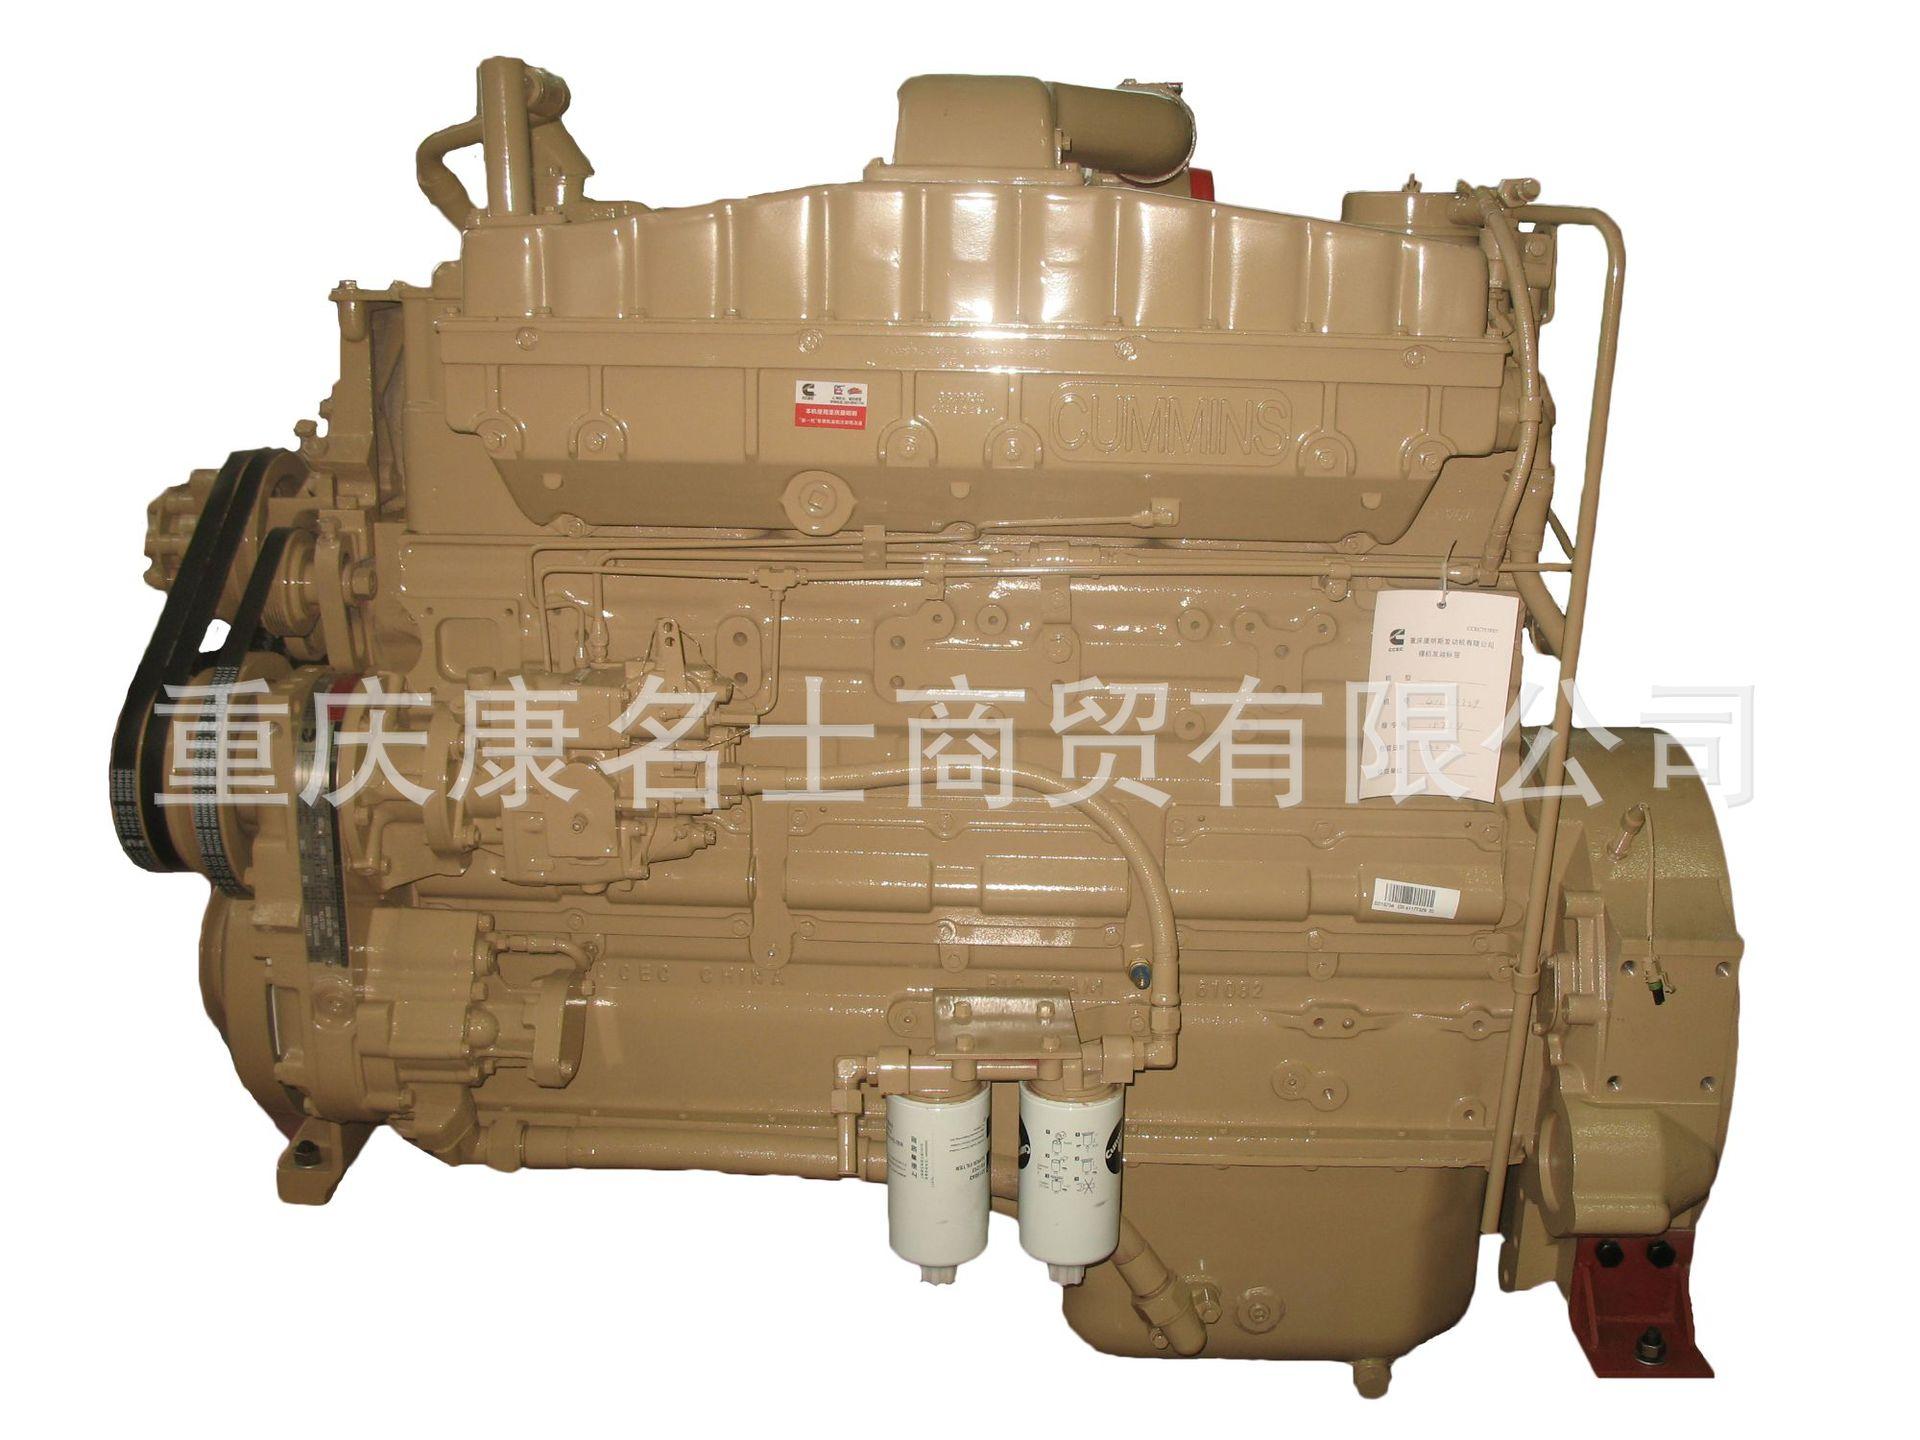 3093329康明斯过滤器支架QST30-C1050发动机配件厂价优惠